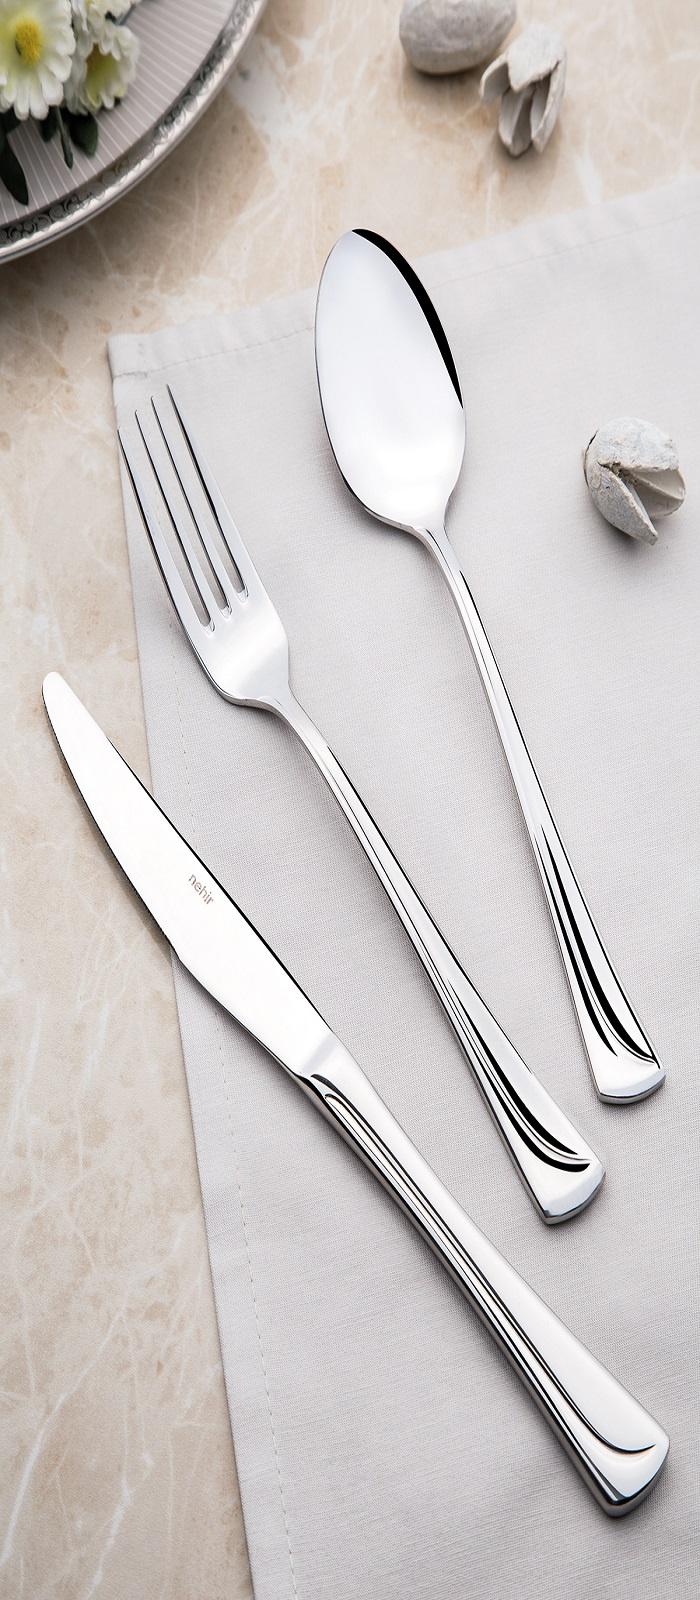 Набор столовых приборов NEHIR MAKSISATEN, серебристый набор столовых приборов carl schmidt sohn baguette 24 предмета